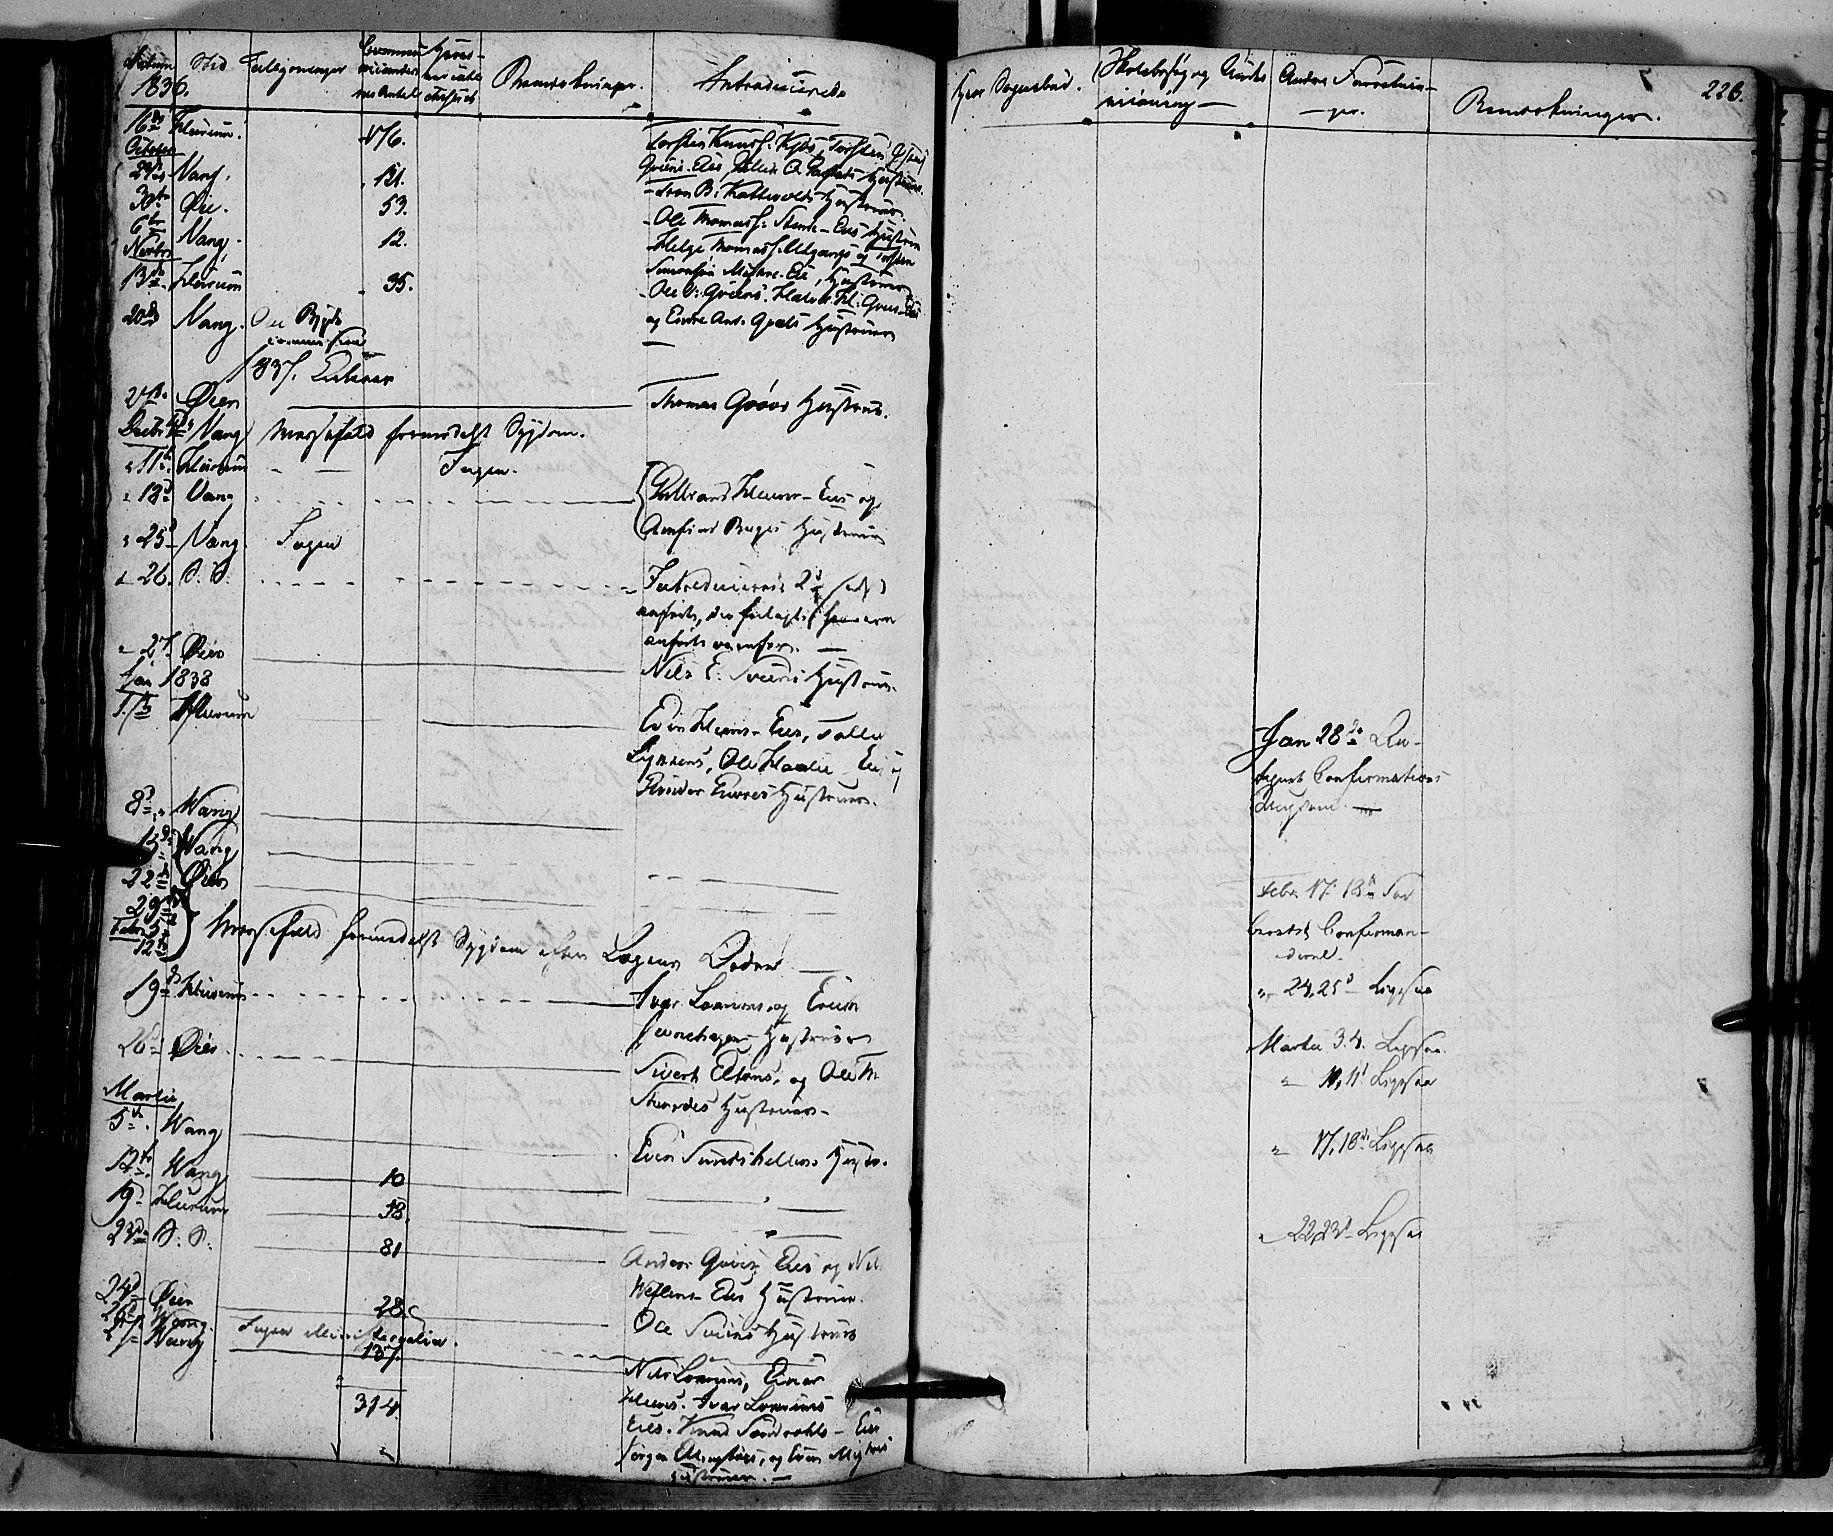 SAH, Vang prestekontor, Valdres, Ministerialbok nr. 5, 1831-1845, s. 226